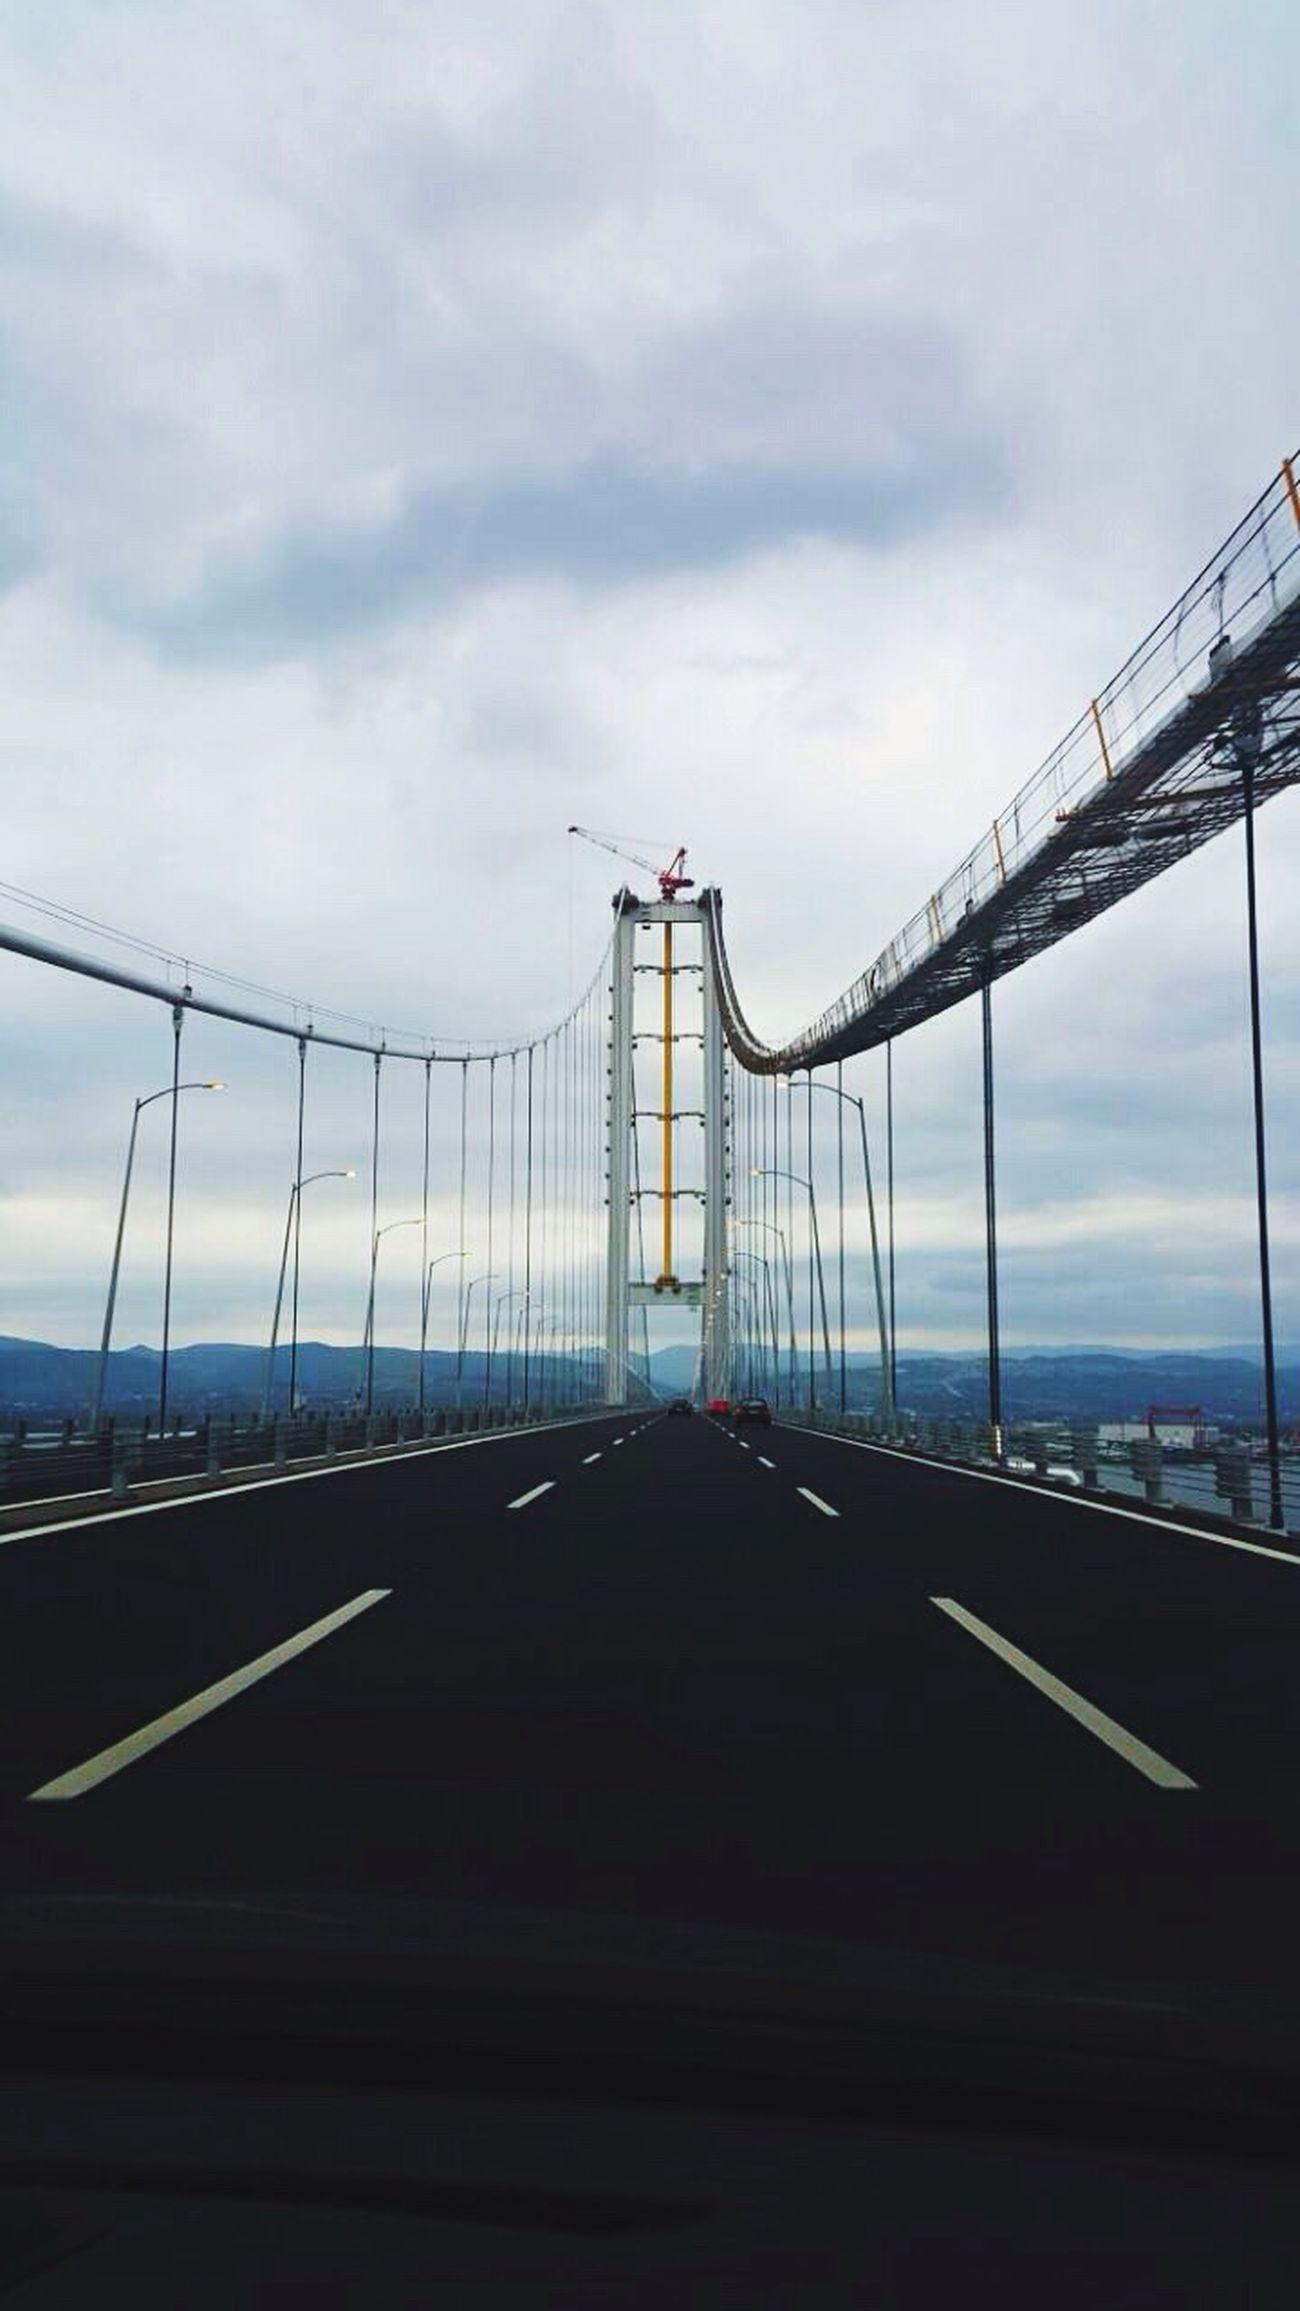 Bridge Yol Yolculuk Ozgur Sen Tekbaşına Life Hayat Kopru